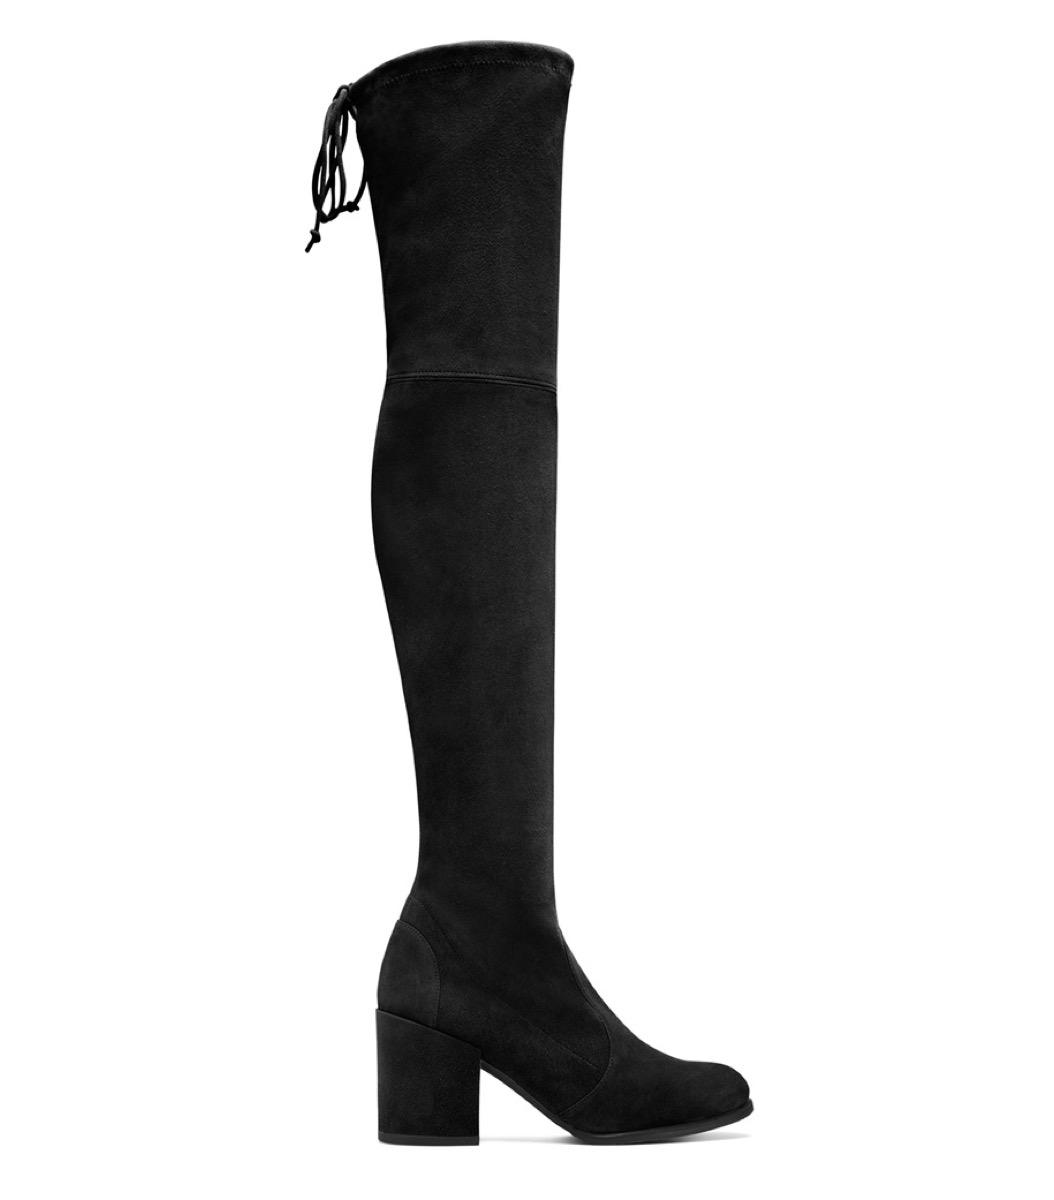 over-the-knee boot - stuart weitzman